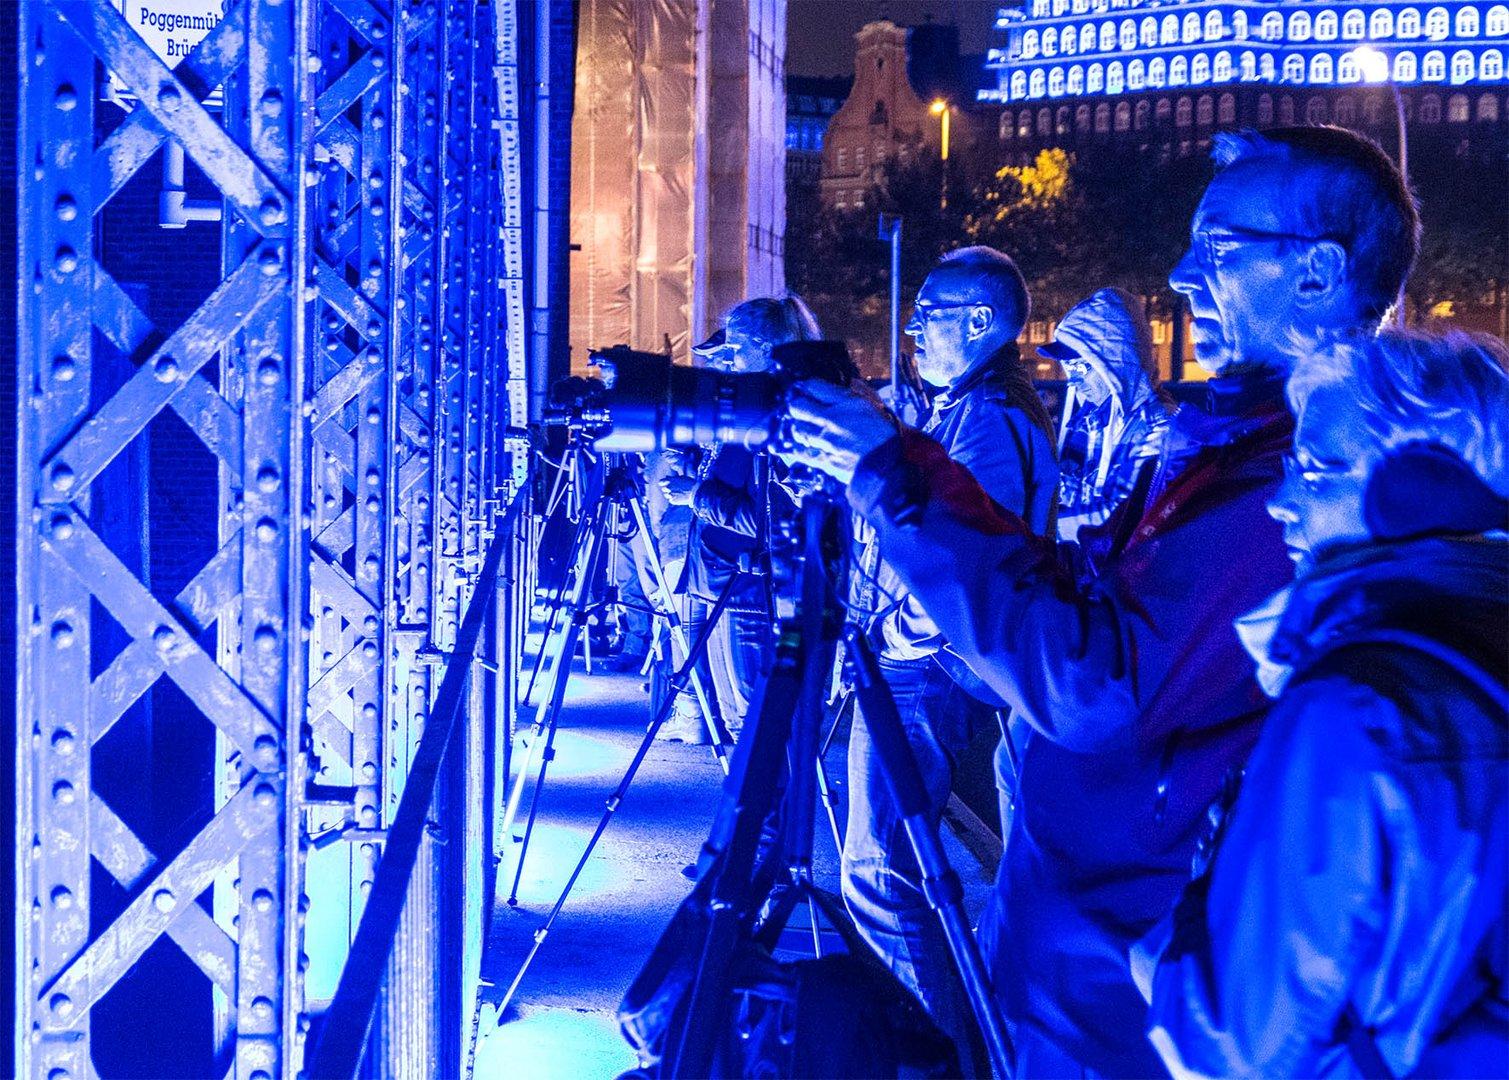 Blaues Rudelknipsen, oder die Blue Man Group